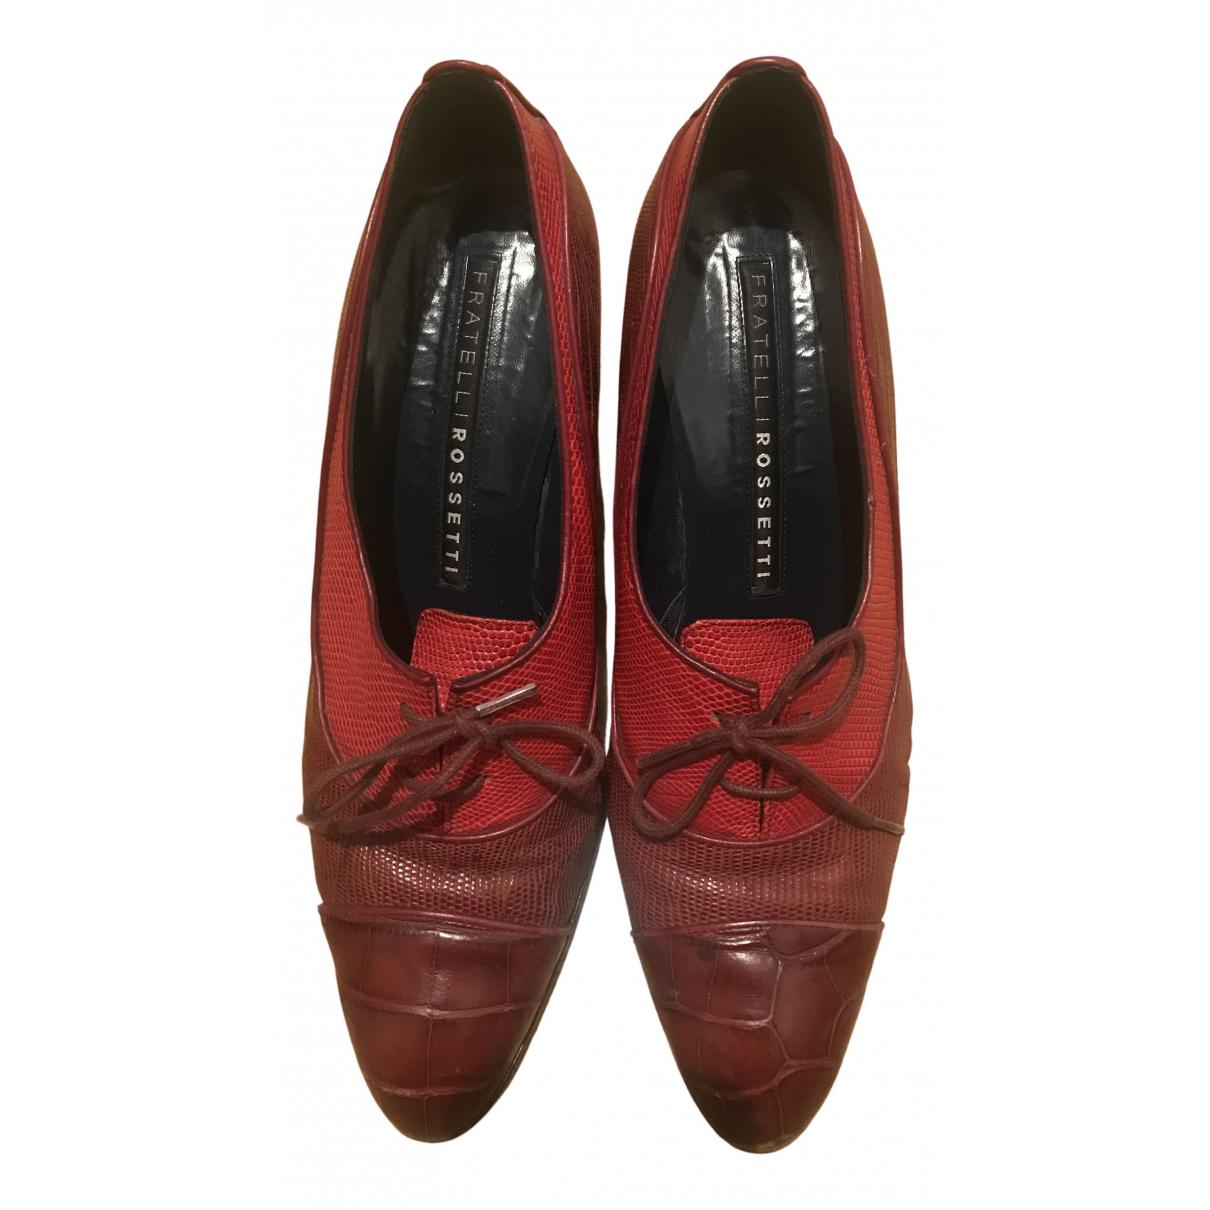 Fratelli Rossetti \N Pumps in  Rot Leder